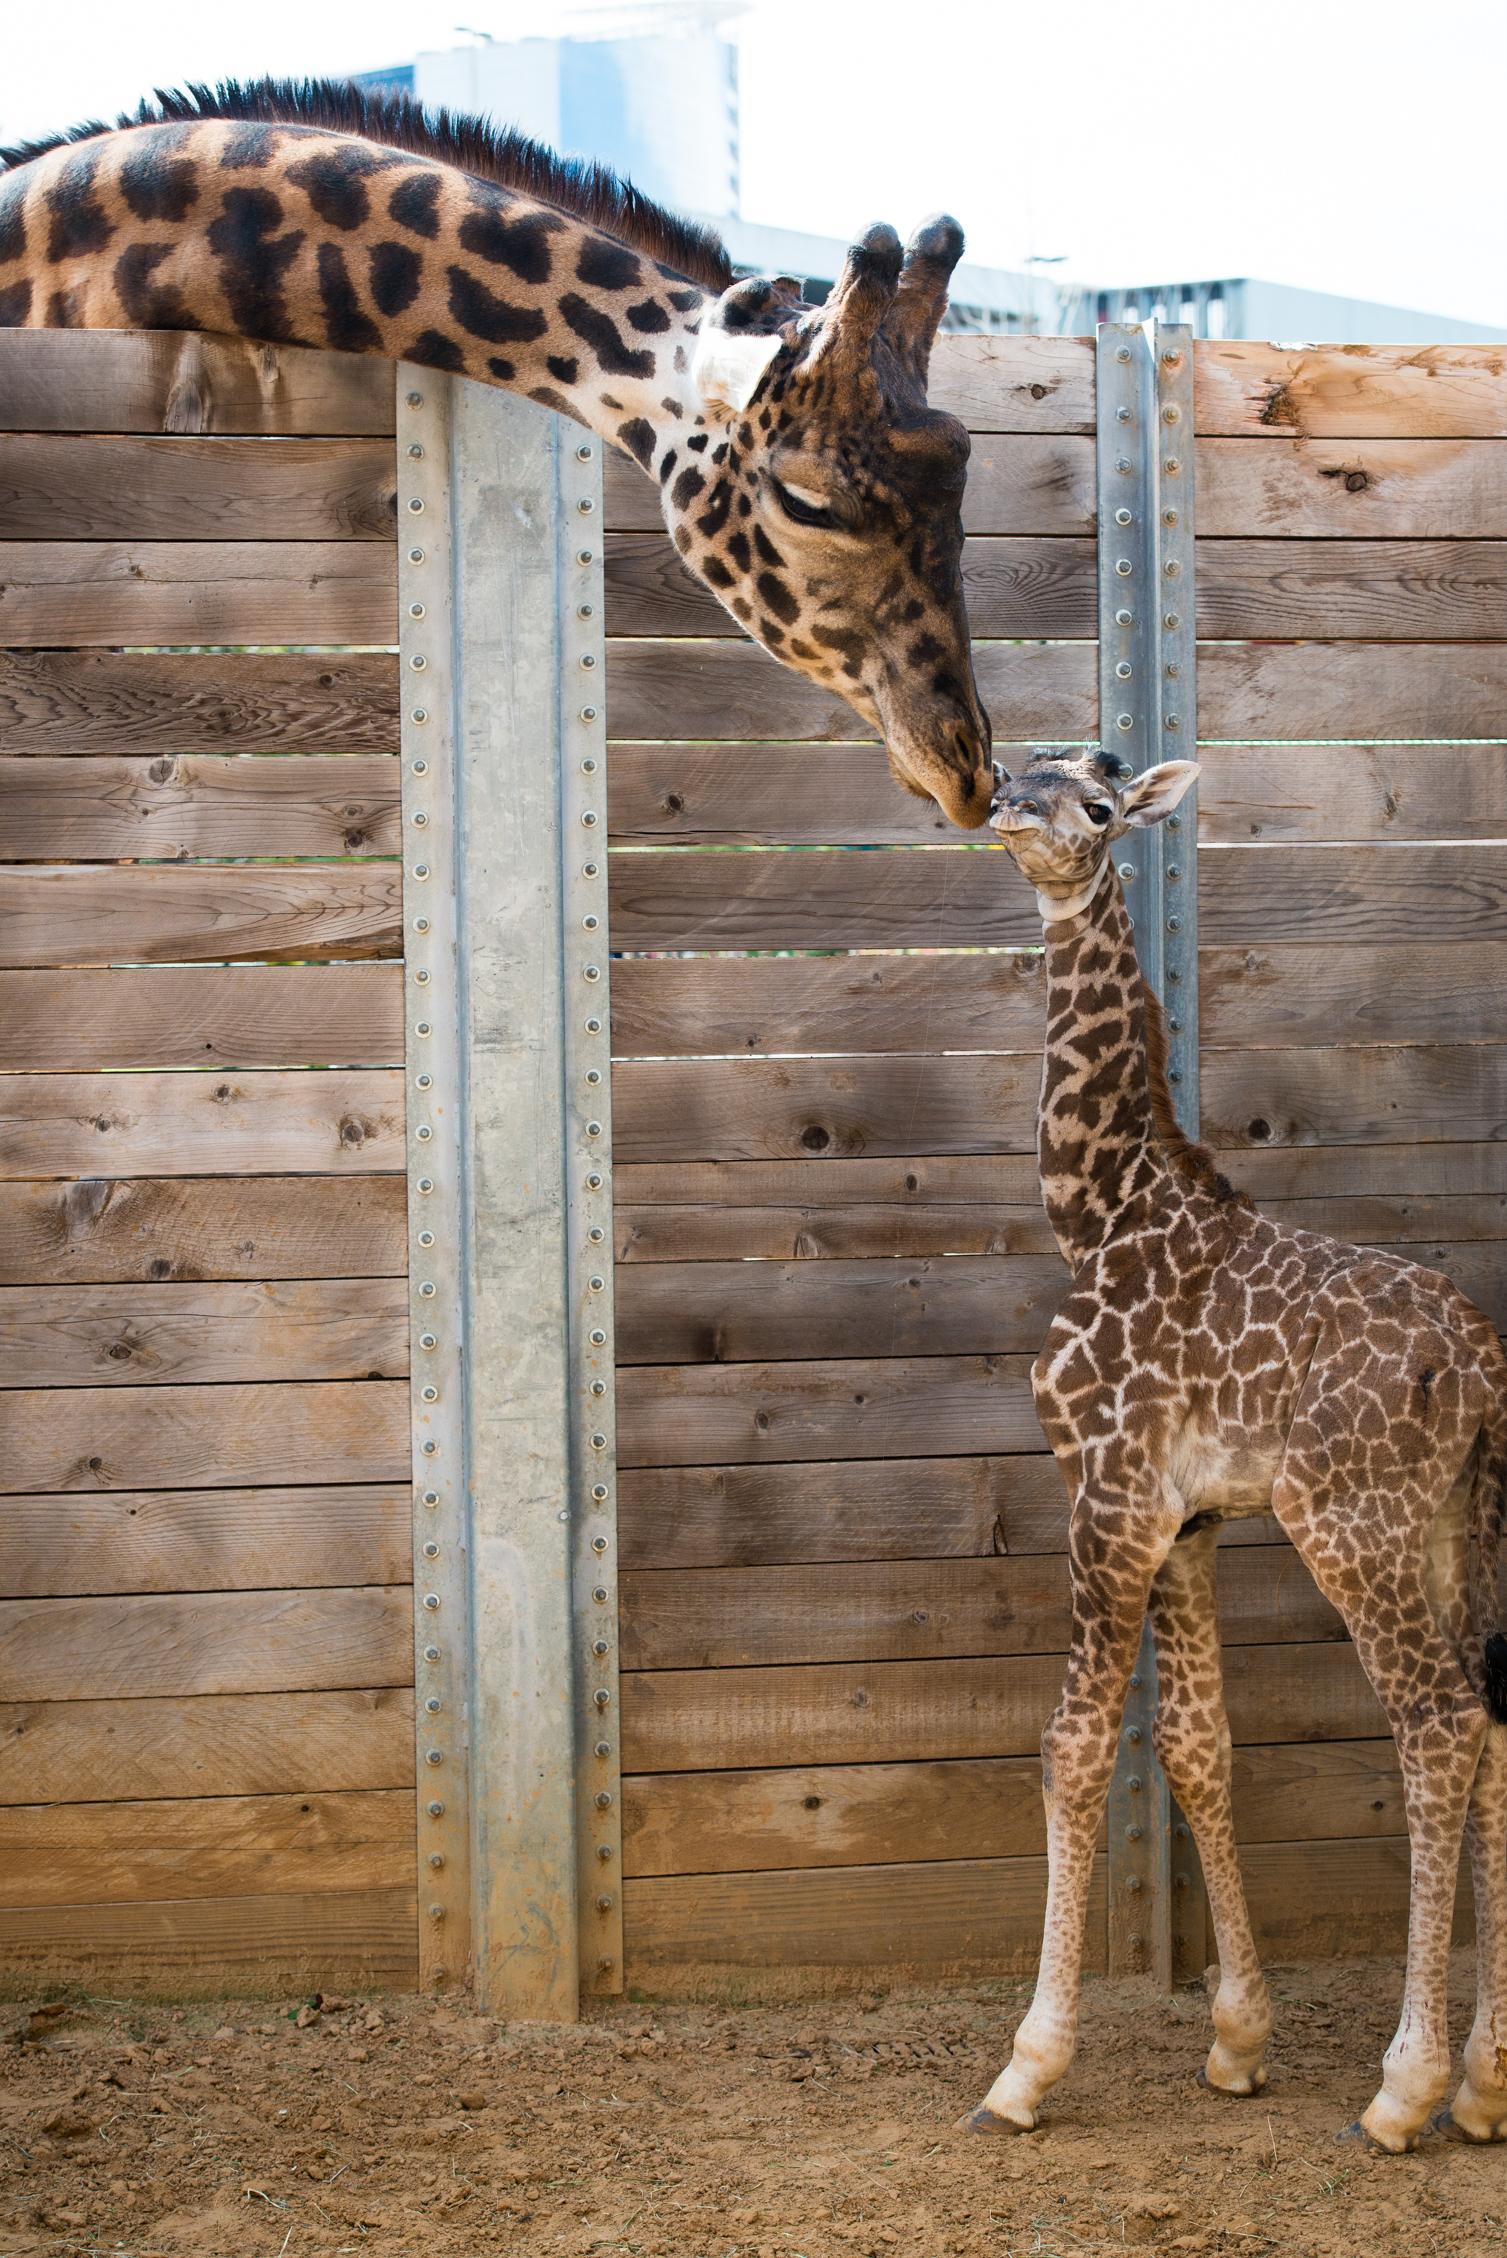 © Houston Zoo/Stephanie Adams